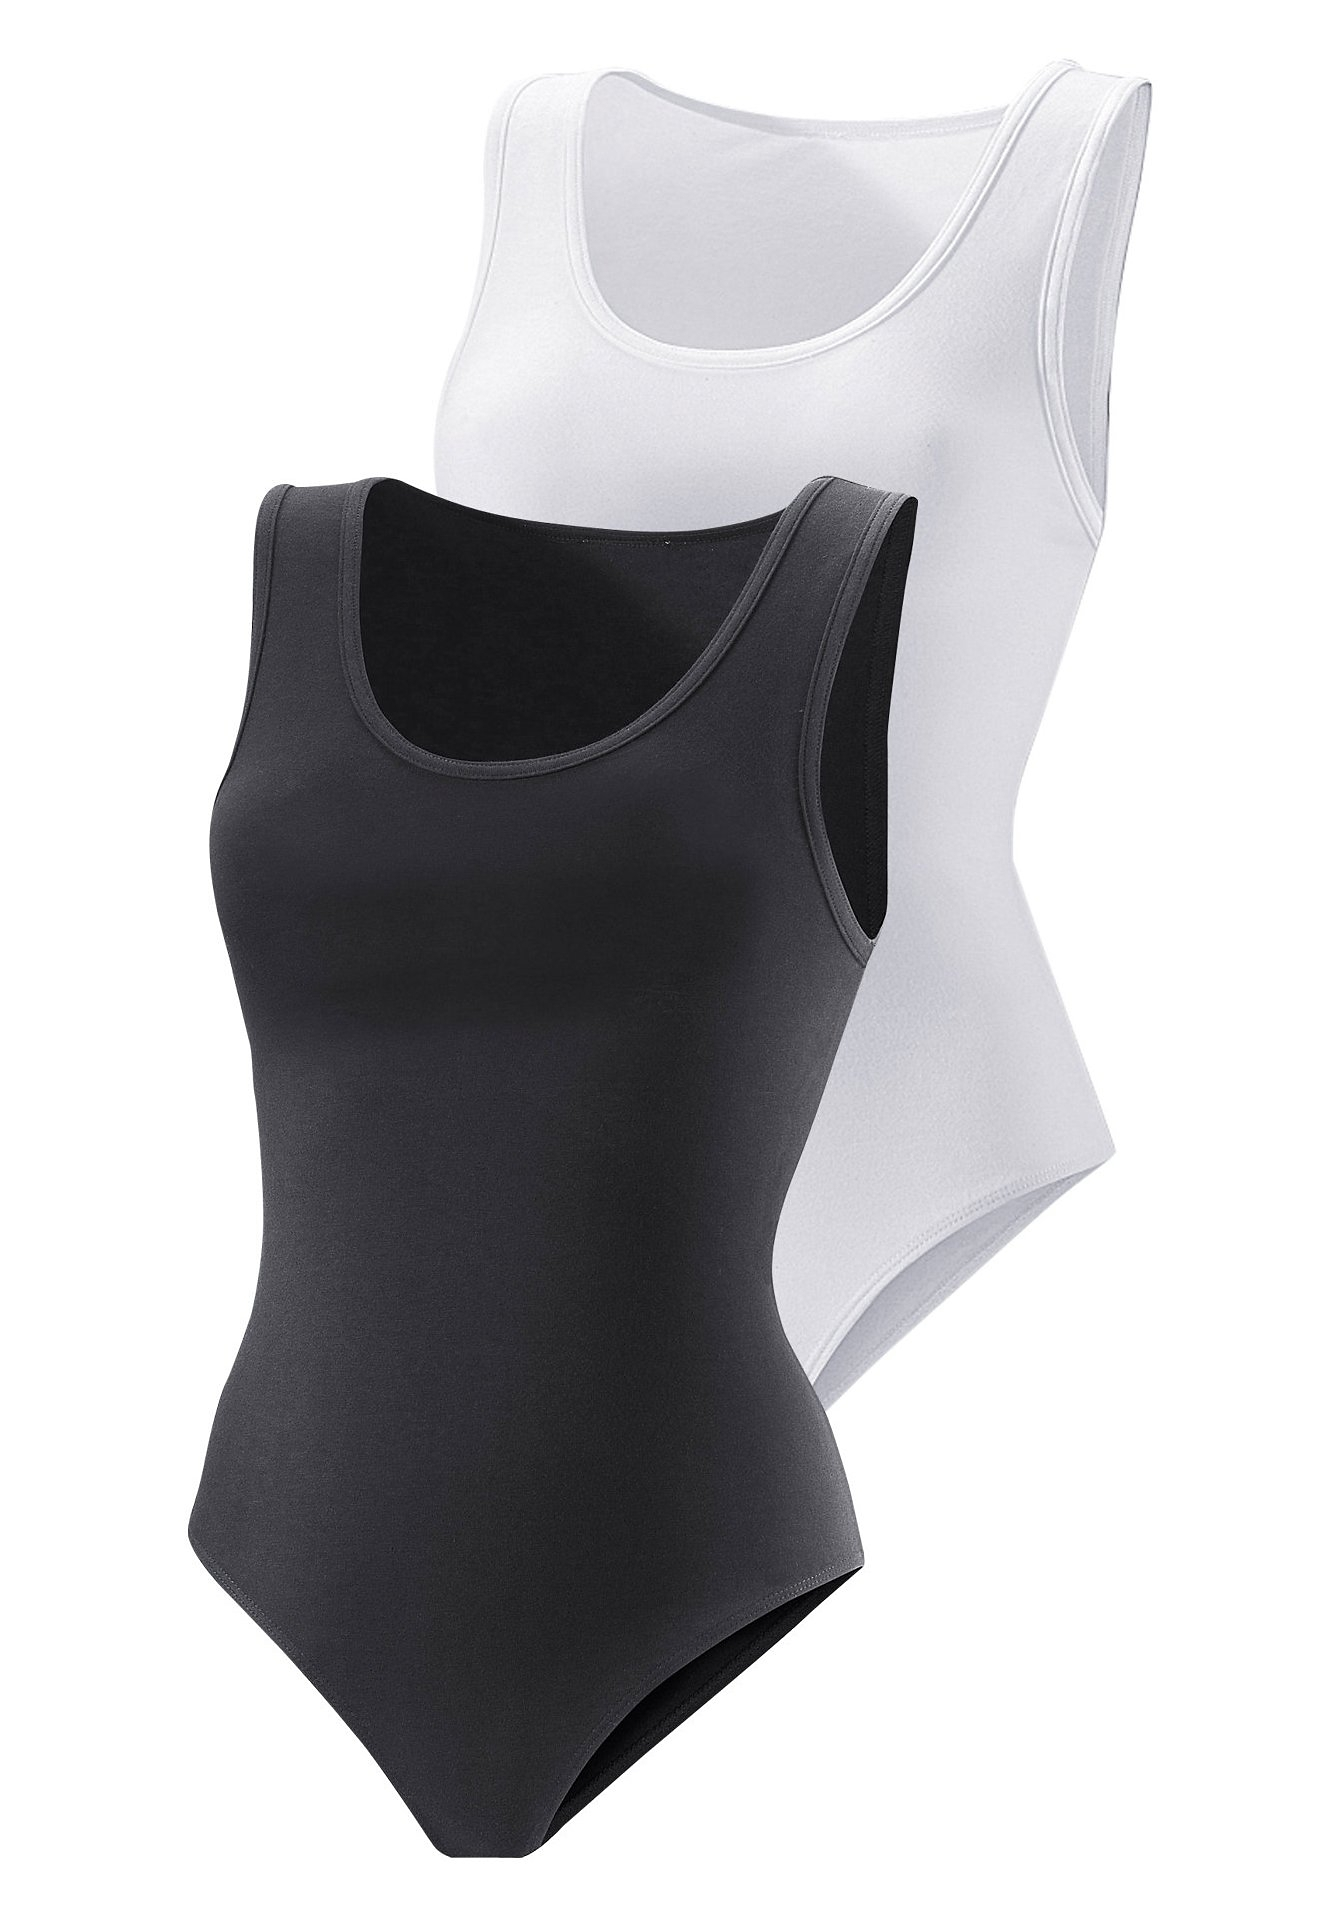 Vivance Active hemd-body (set van 2), katoen-stretch nu online kopen bij Lascana